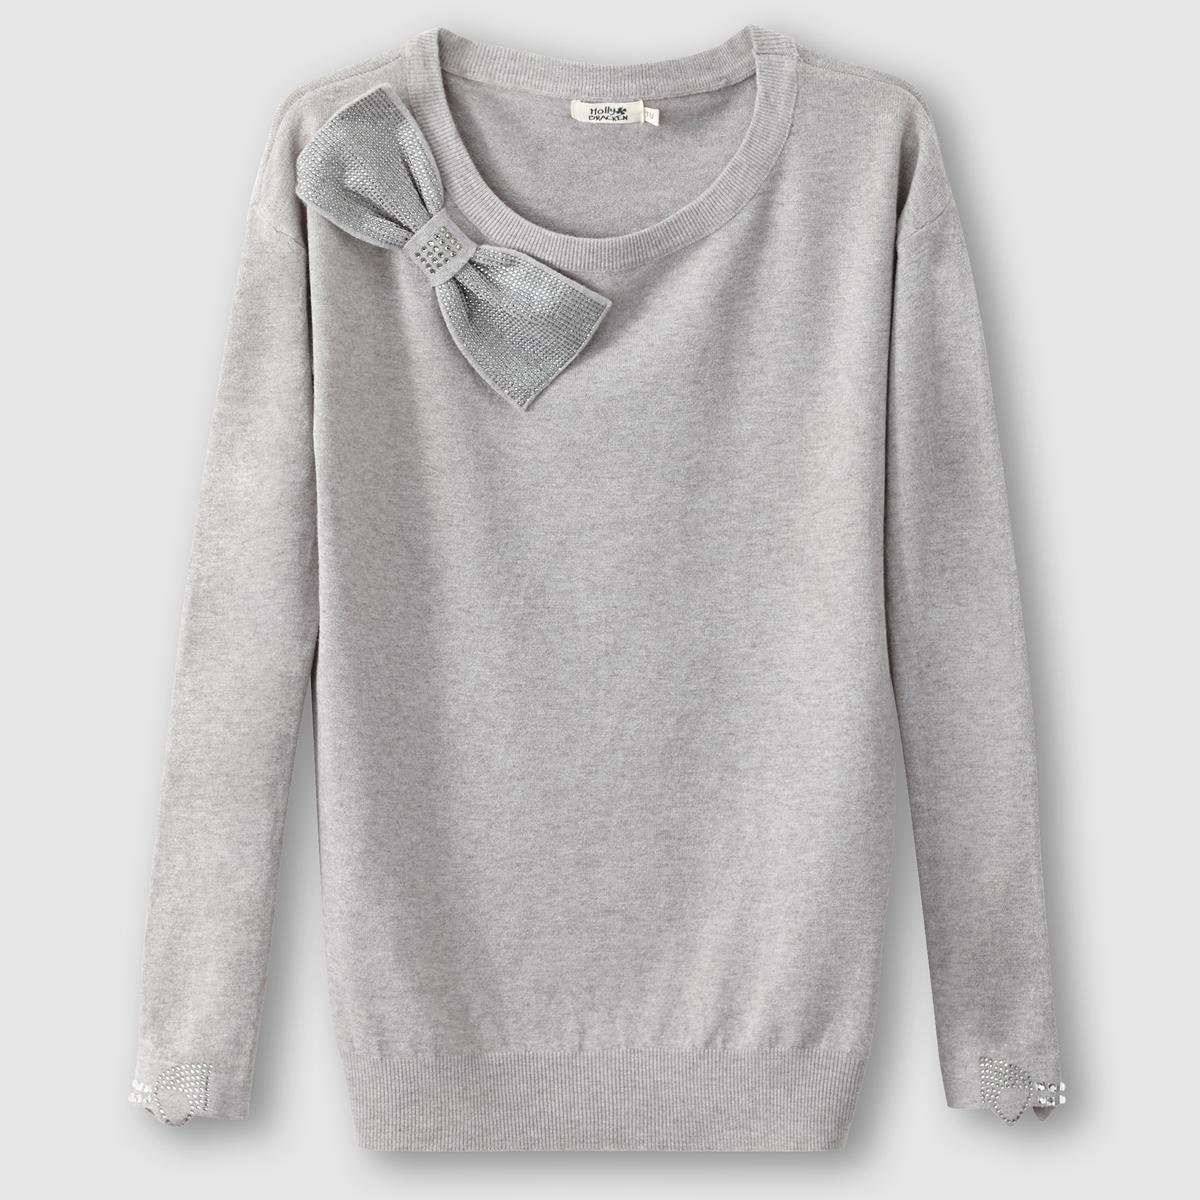 Пуловер с круглым вырезом и оригинальным рисункомПуловер с длинными рукавами   MOLLY BRACKEN . Пуловер комфортного прямого покроя. Круглый вырез. Оригинальный орисунок на плече . Состав и описание :Материал : 55% растительных волокон, 45% полиэстера Марка : MOLLY BRACKEN.<br><br>Цвет: серый<br>Размер: единый размер